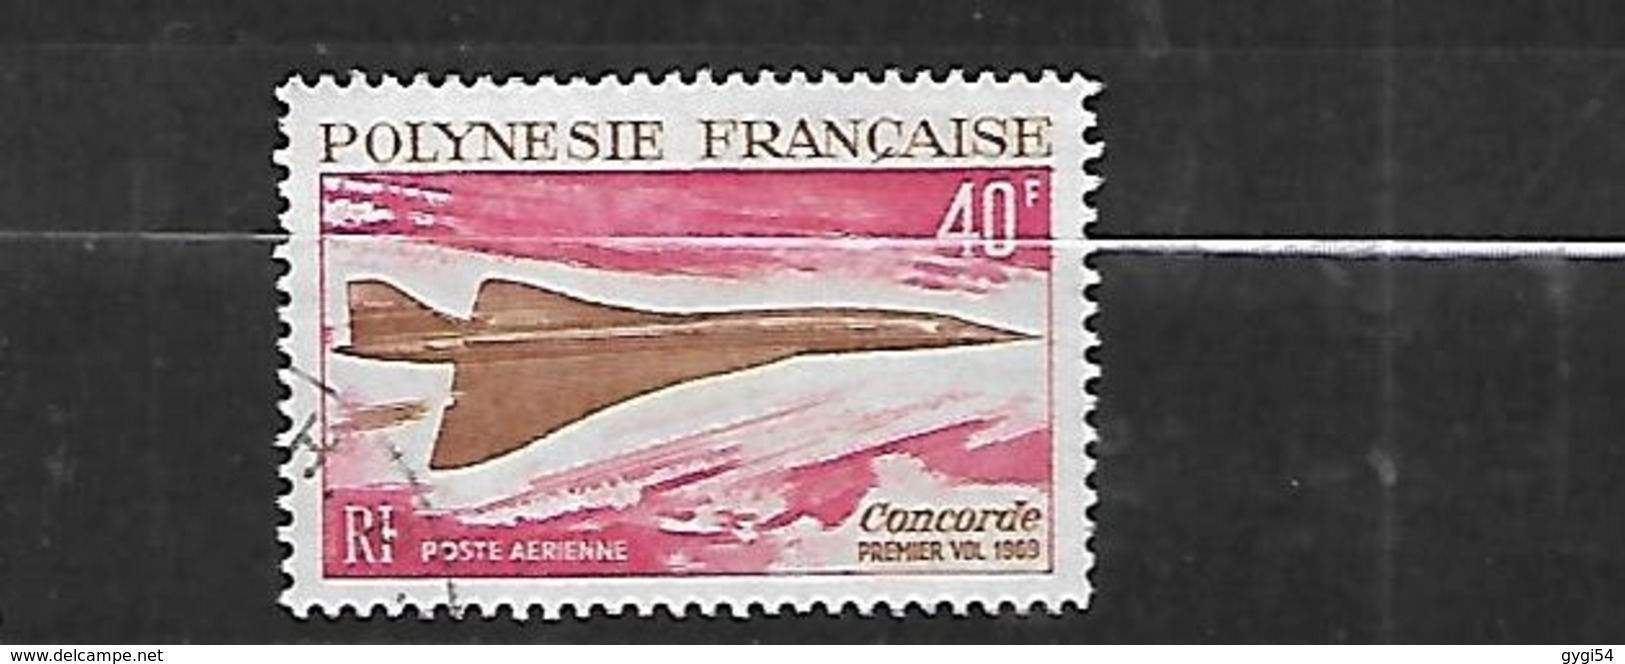 Polynésie Française 1969 Poste Aérienne    Cat Yt N° 27 OBL - Oblitérés